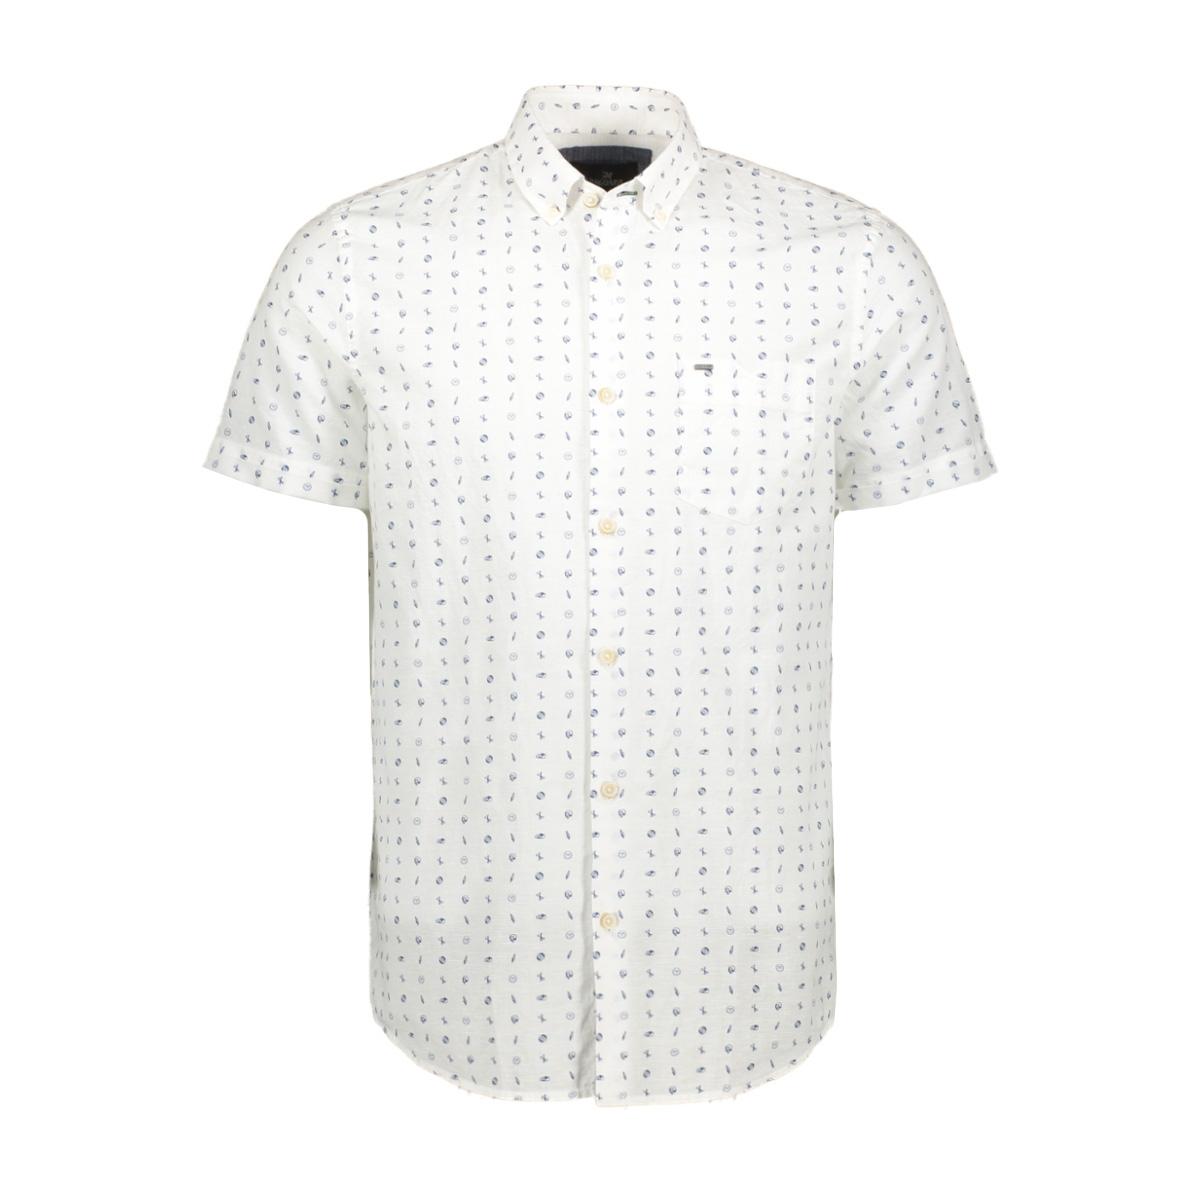 summerlin printed vsis194400 vanguard overhemd 7003